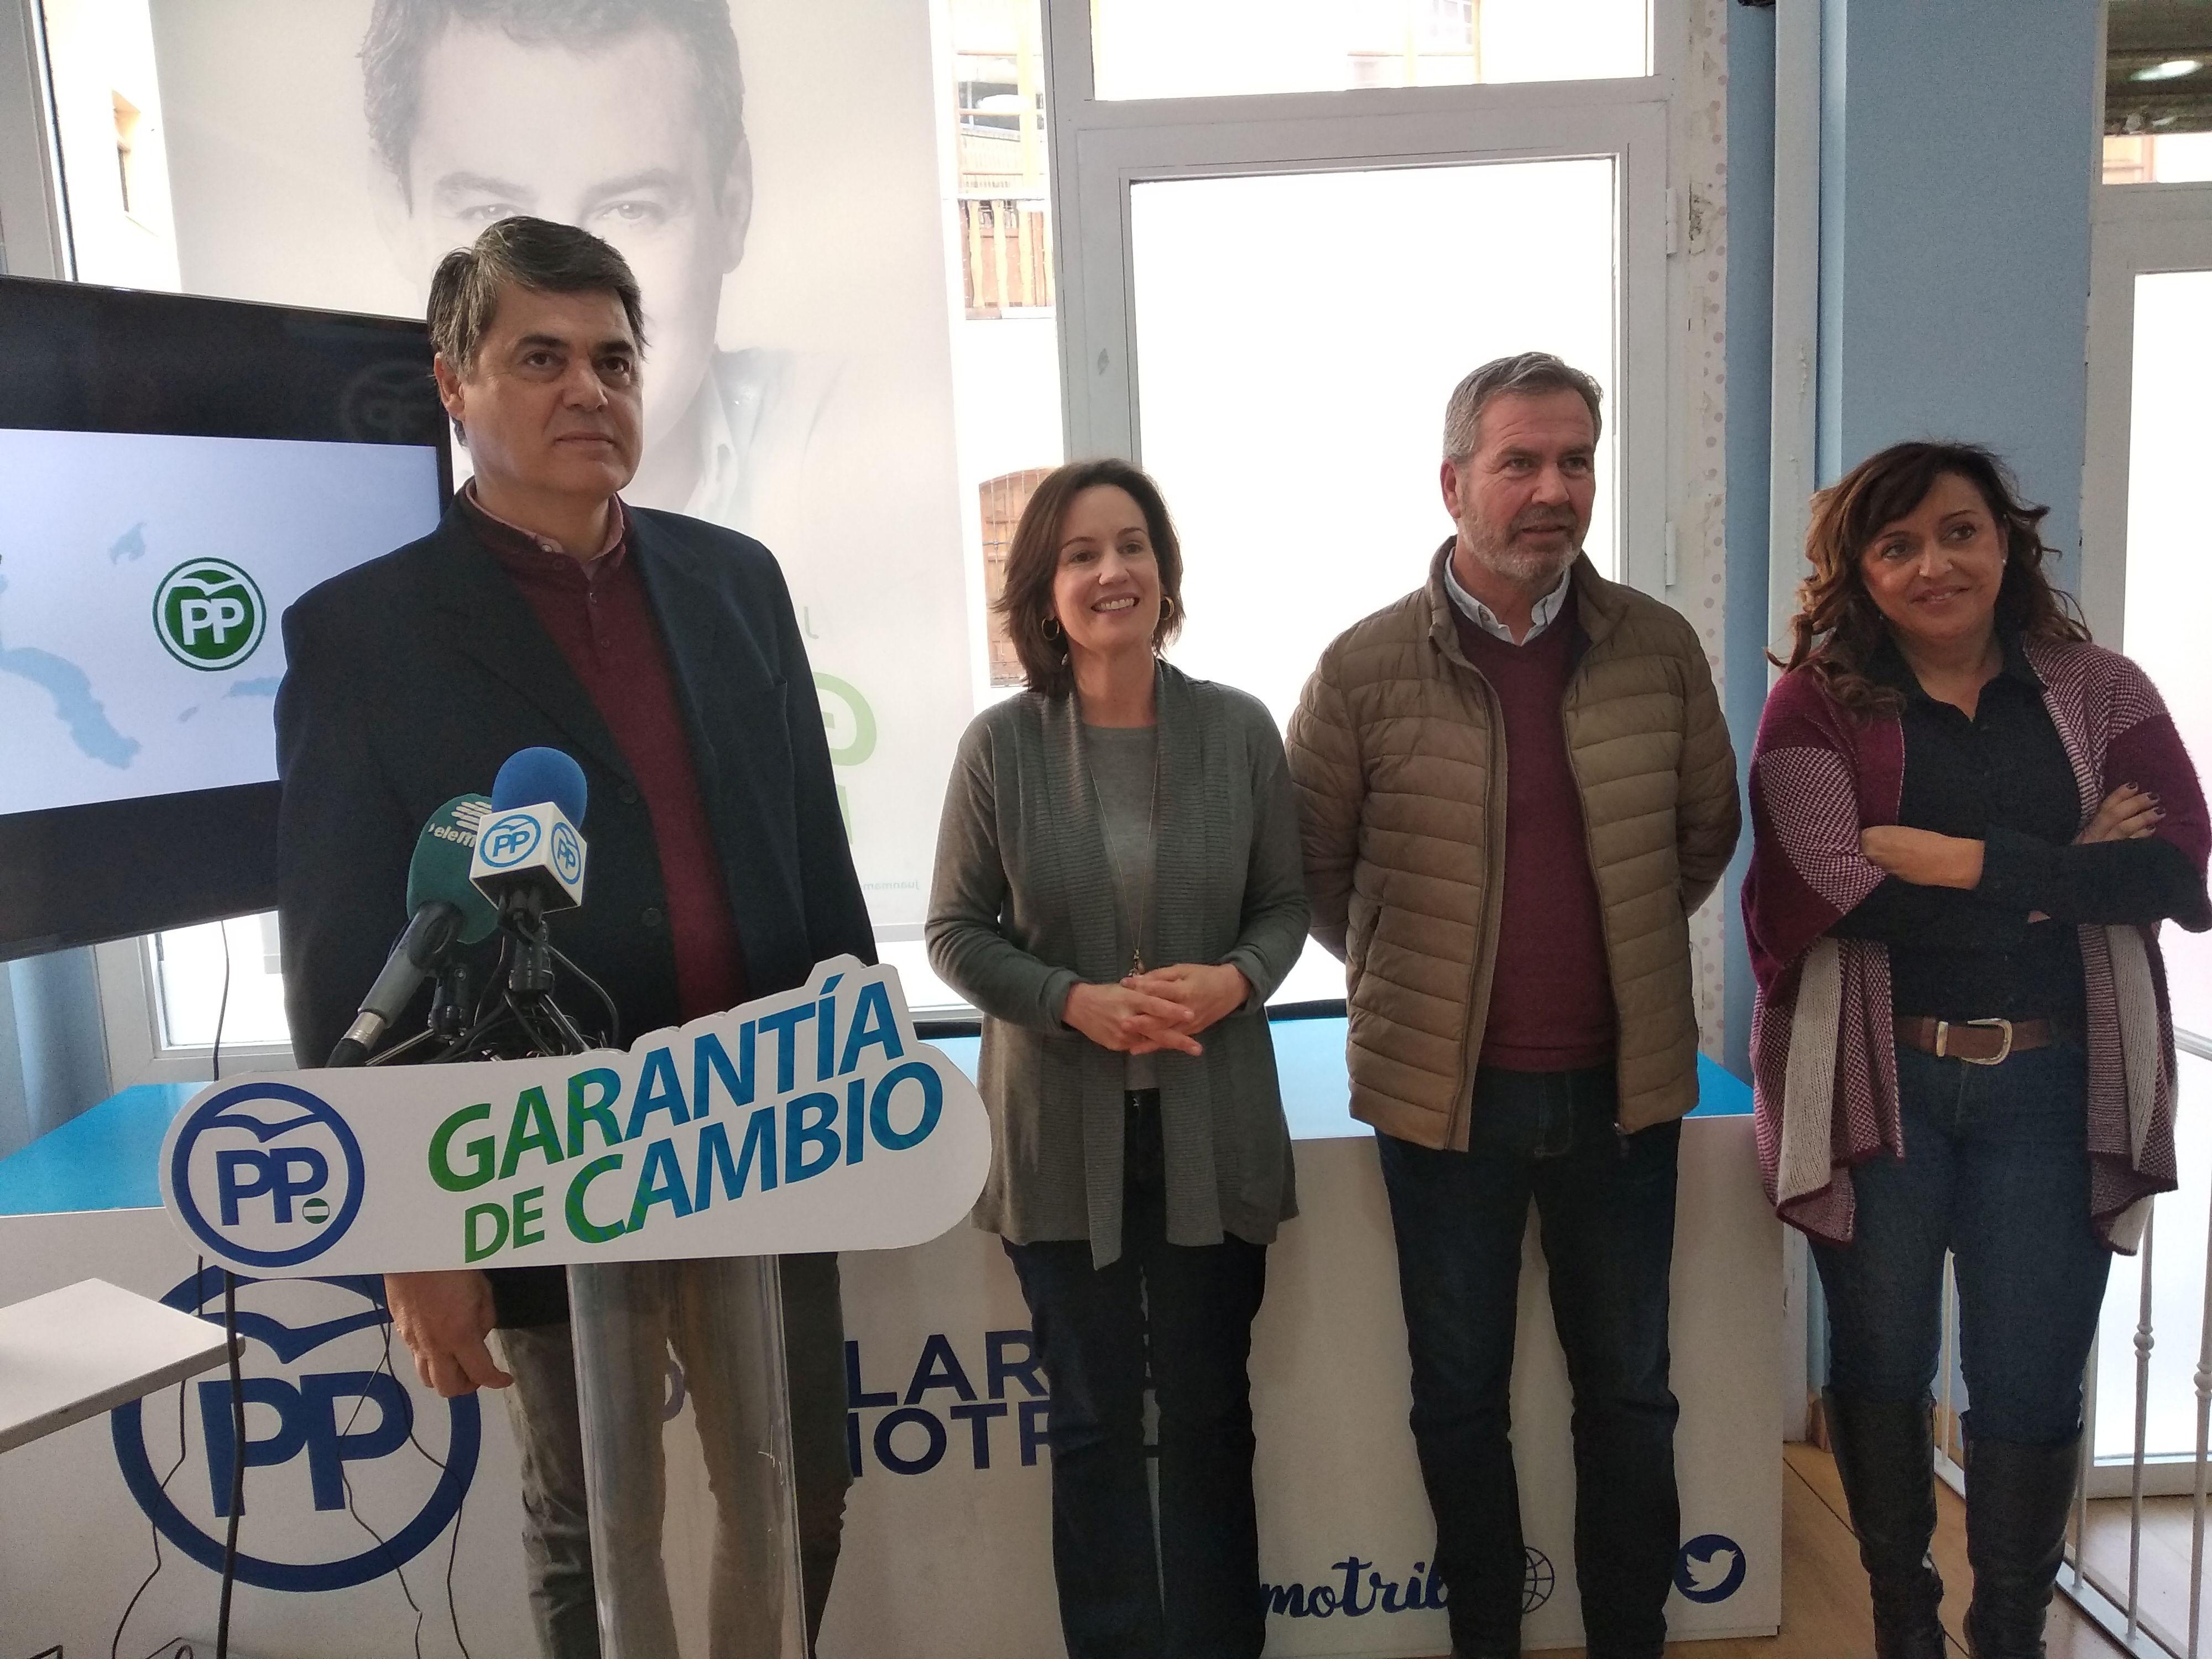 CARLOS ROJAS Y CONCHA DE SANTA ANA, COMPARECEN PARA HABLAR SOBRE INMIGRACION